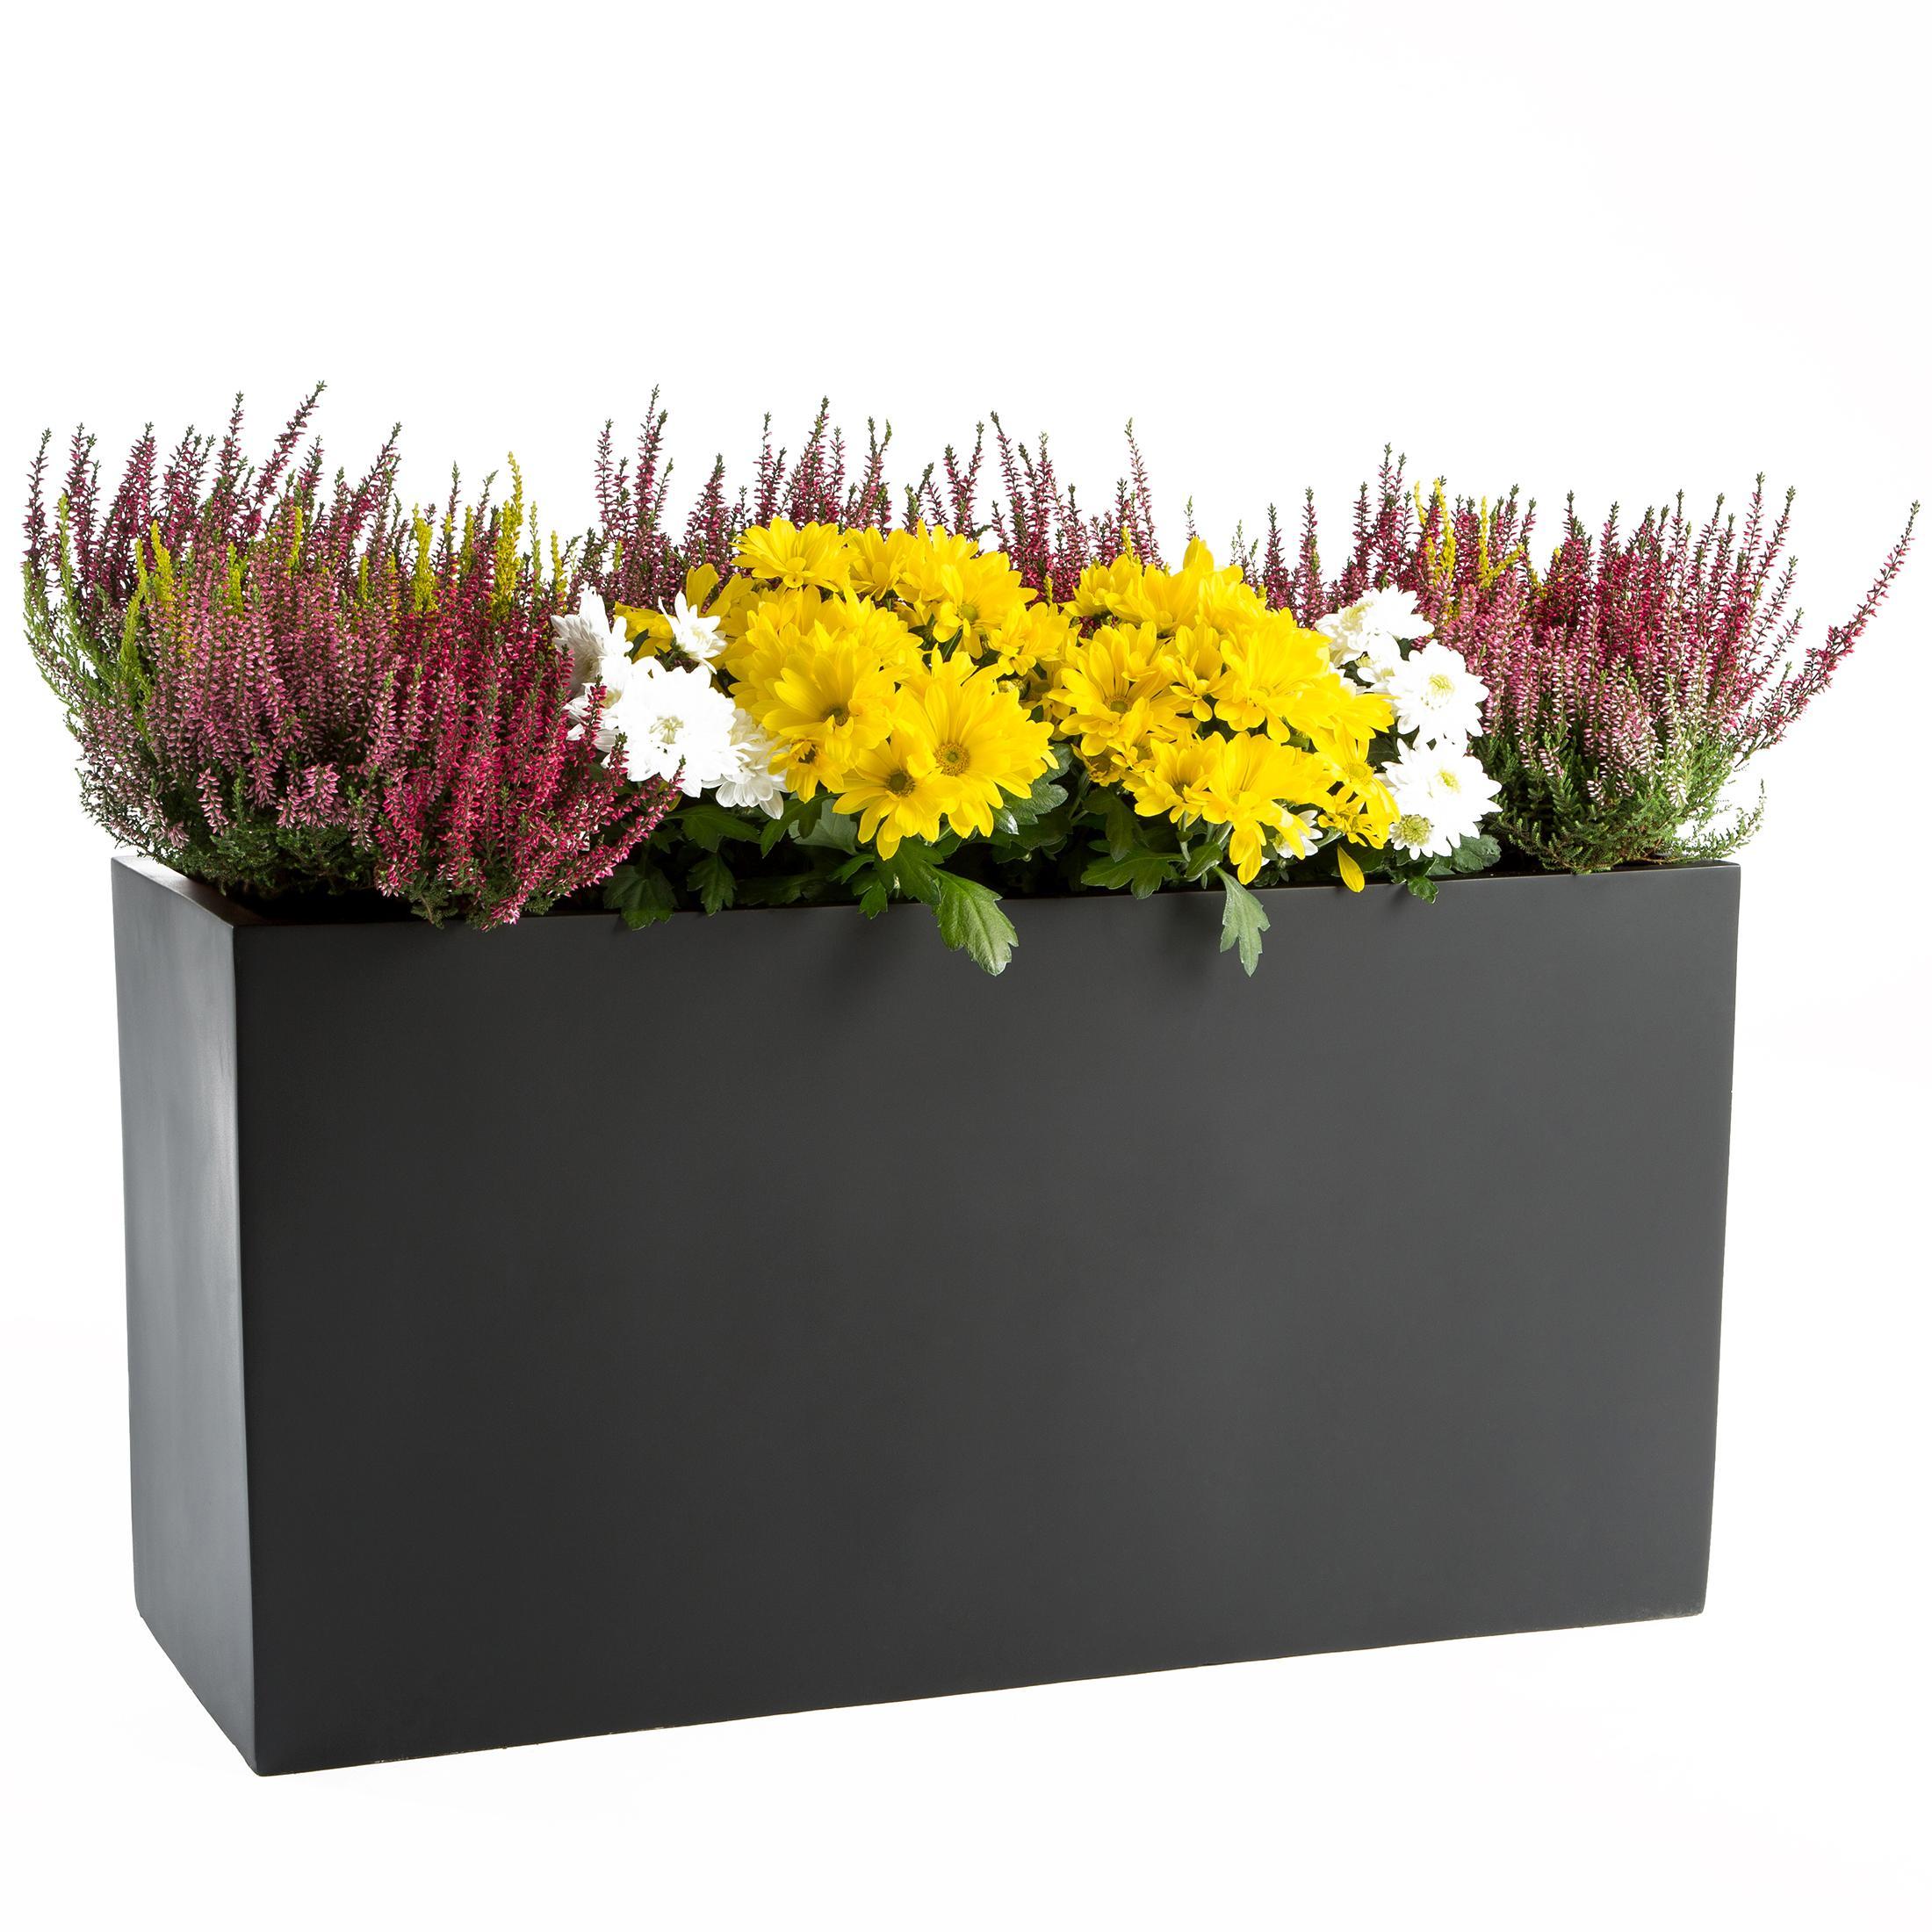 ultranatura cache pot bac fleurs en fibre de verre jardin